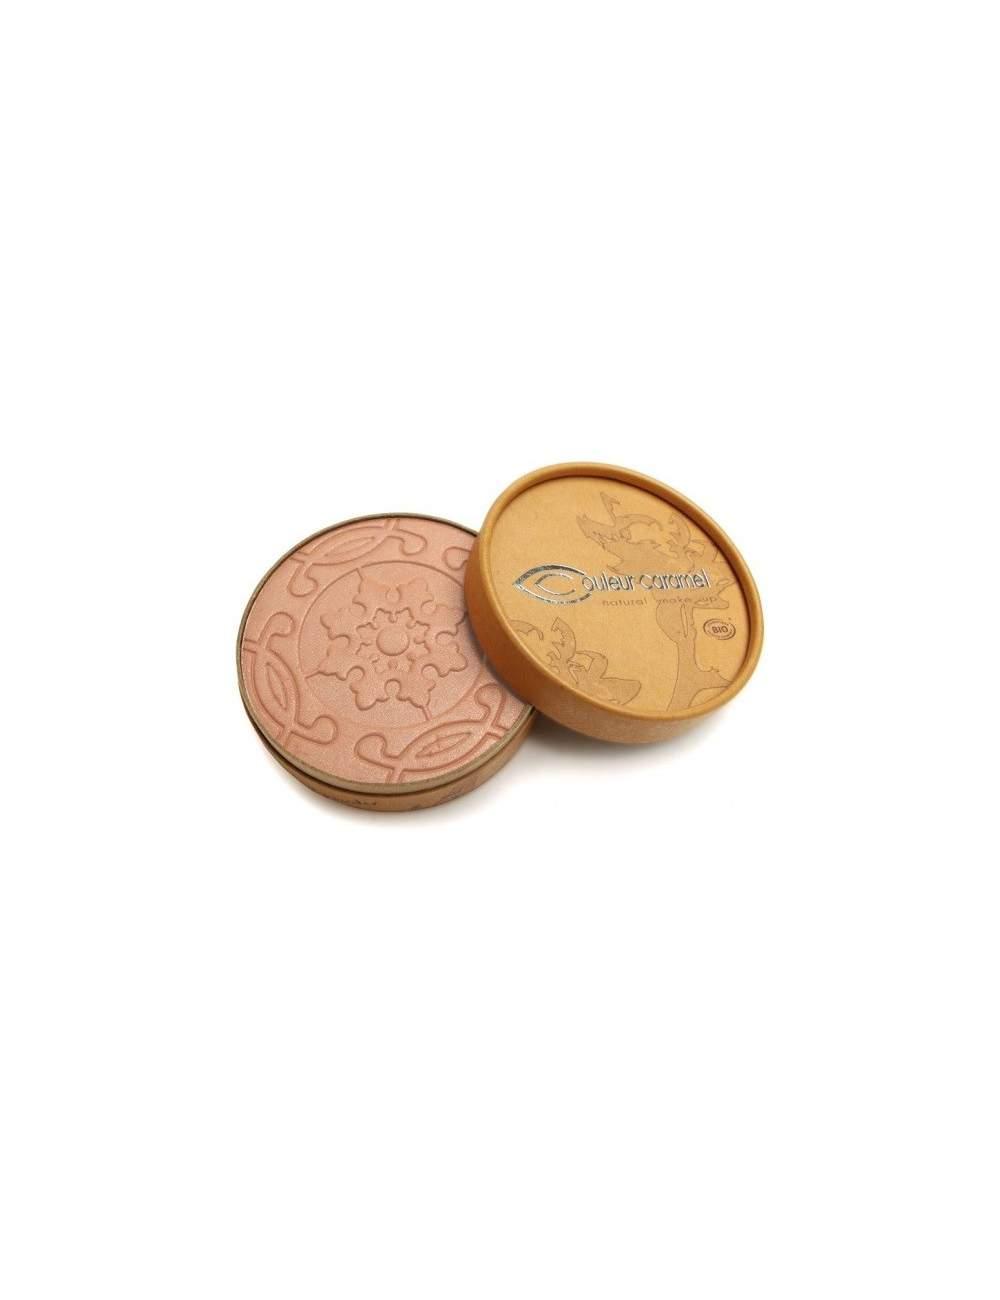 Polvos Bronceadores Bio Nacarados Terre Caramel 23 Beige Brown. Couleur Caramel